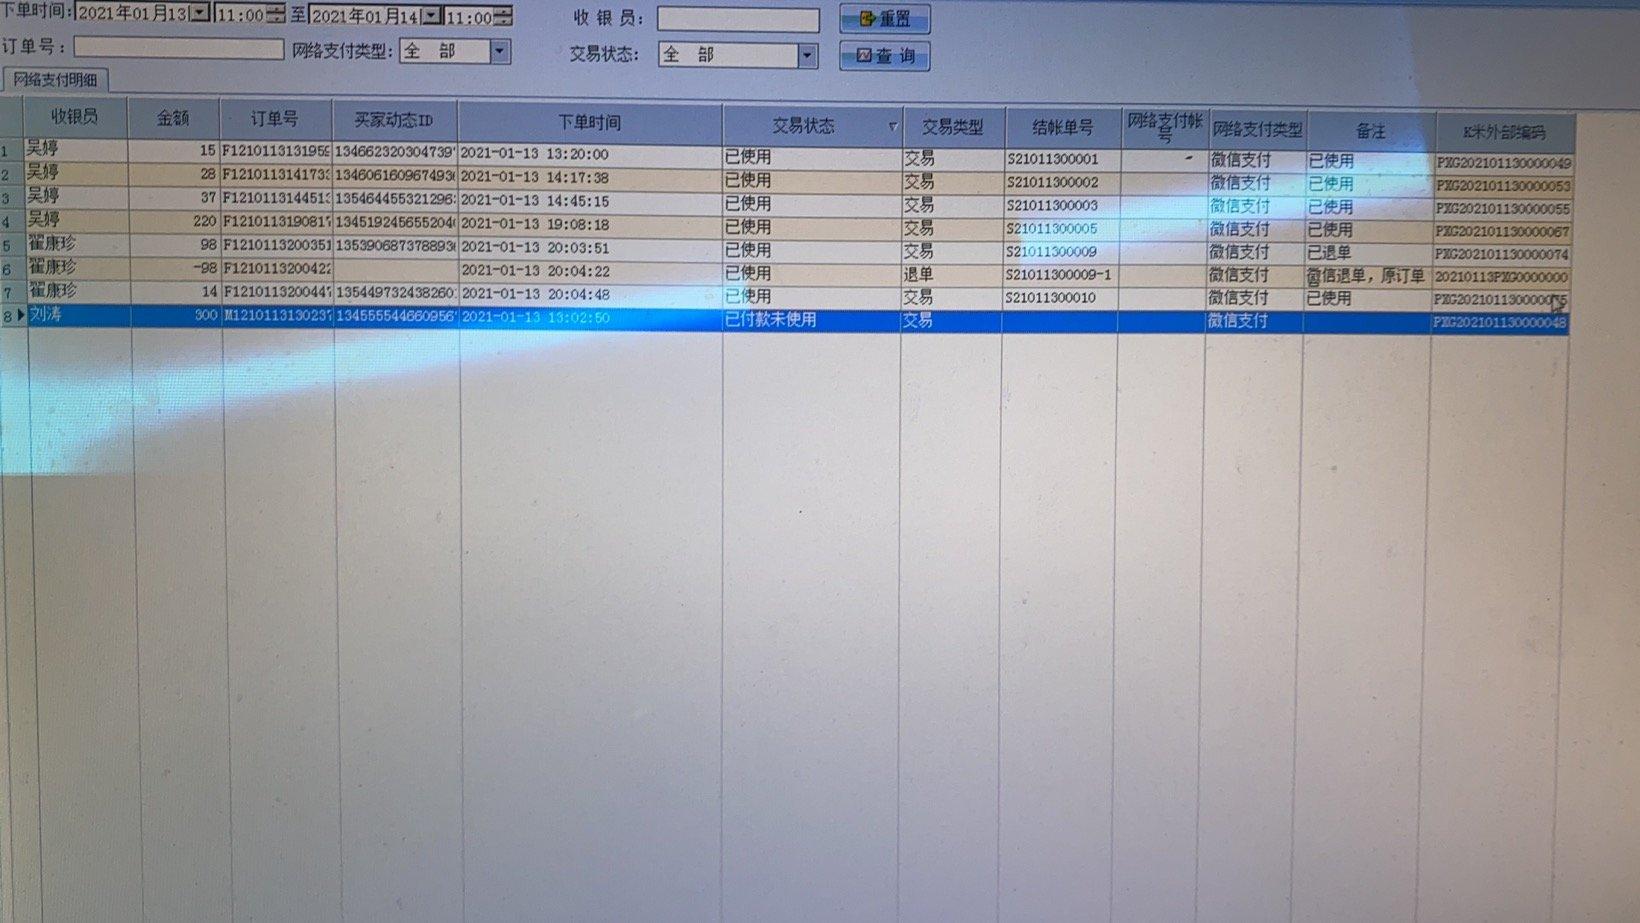 472FE2B1-4E63-478B-9F0B-CC41D47F0293.jpeg